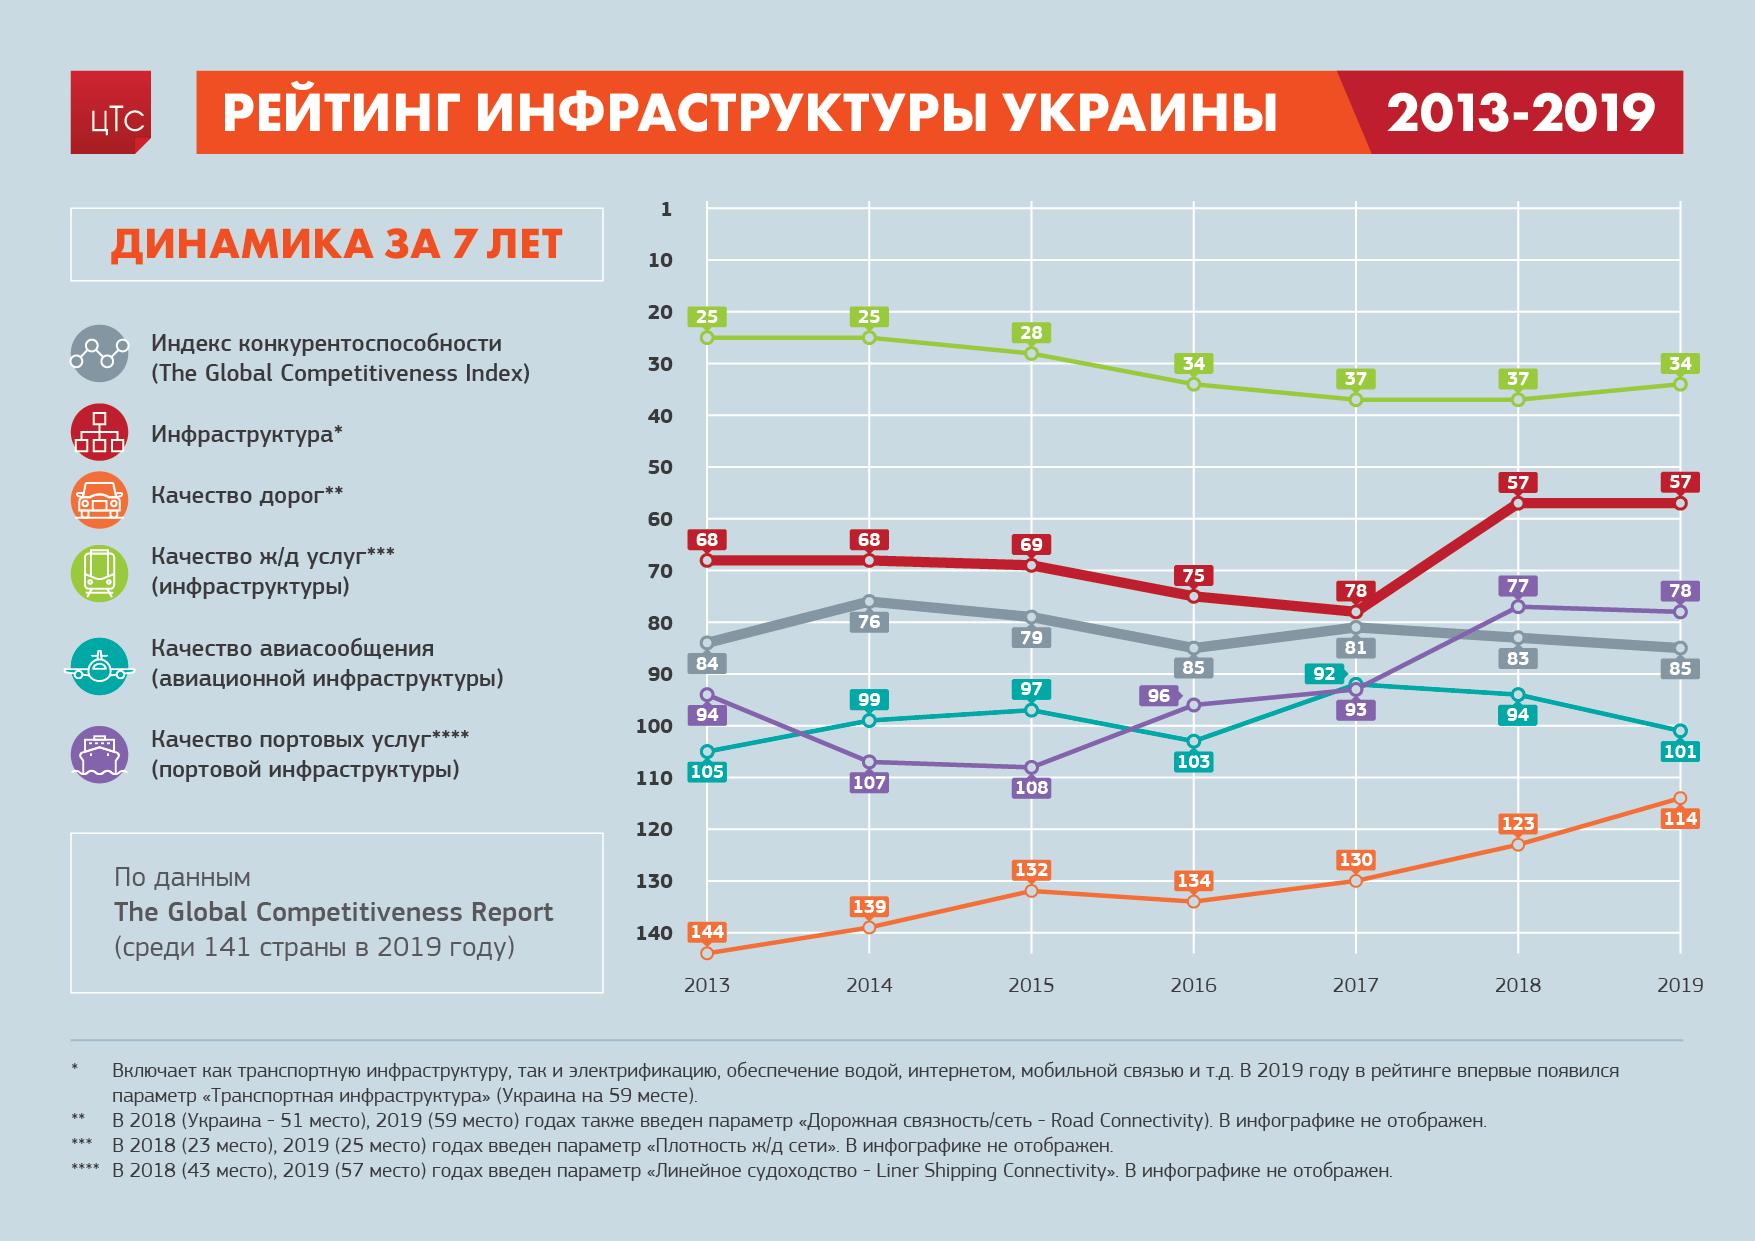 Рейтинг инфраструктуры Украины: динамика за 7 лет